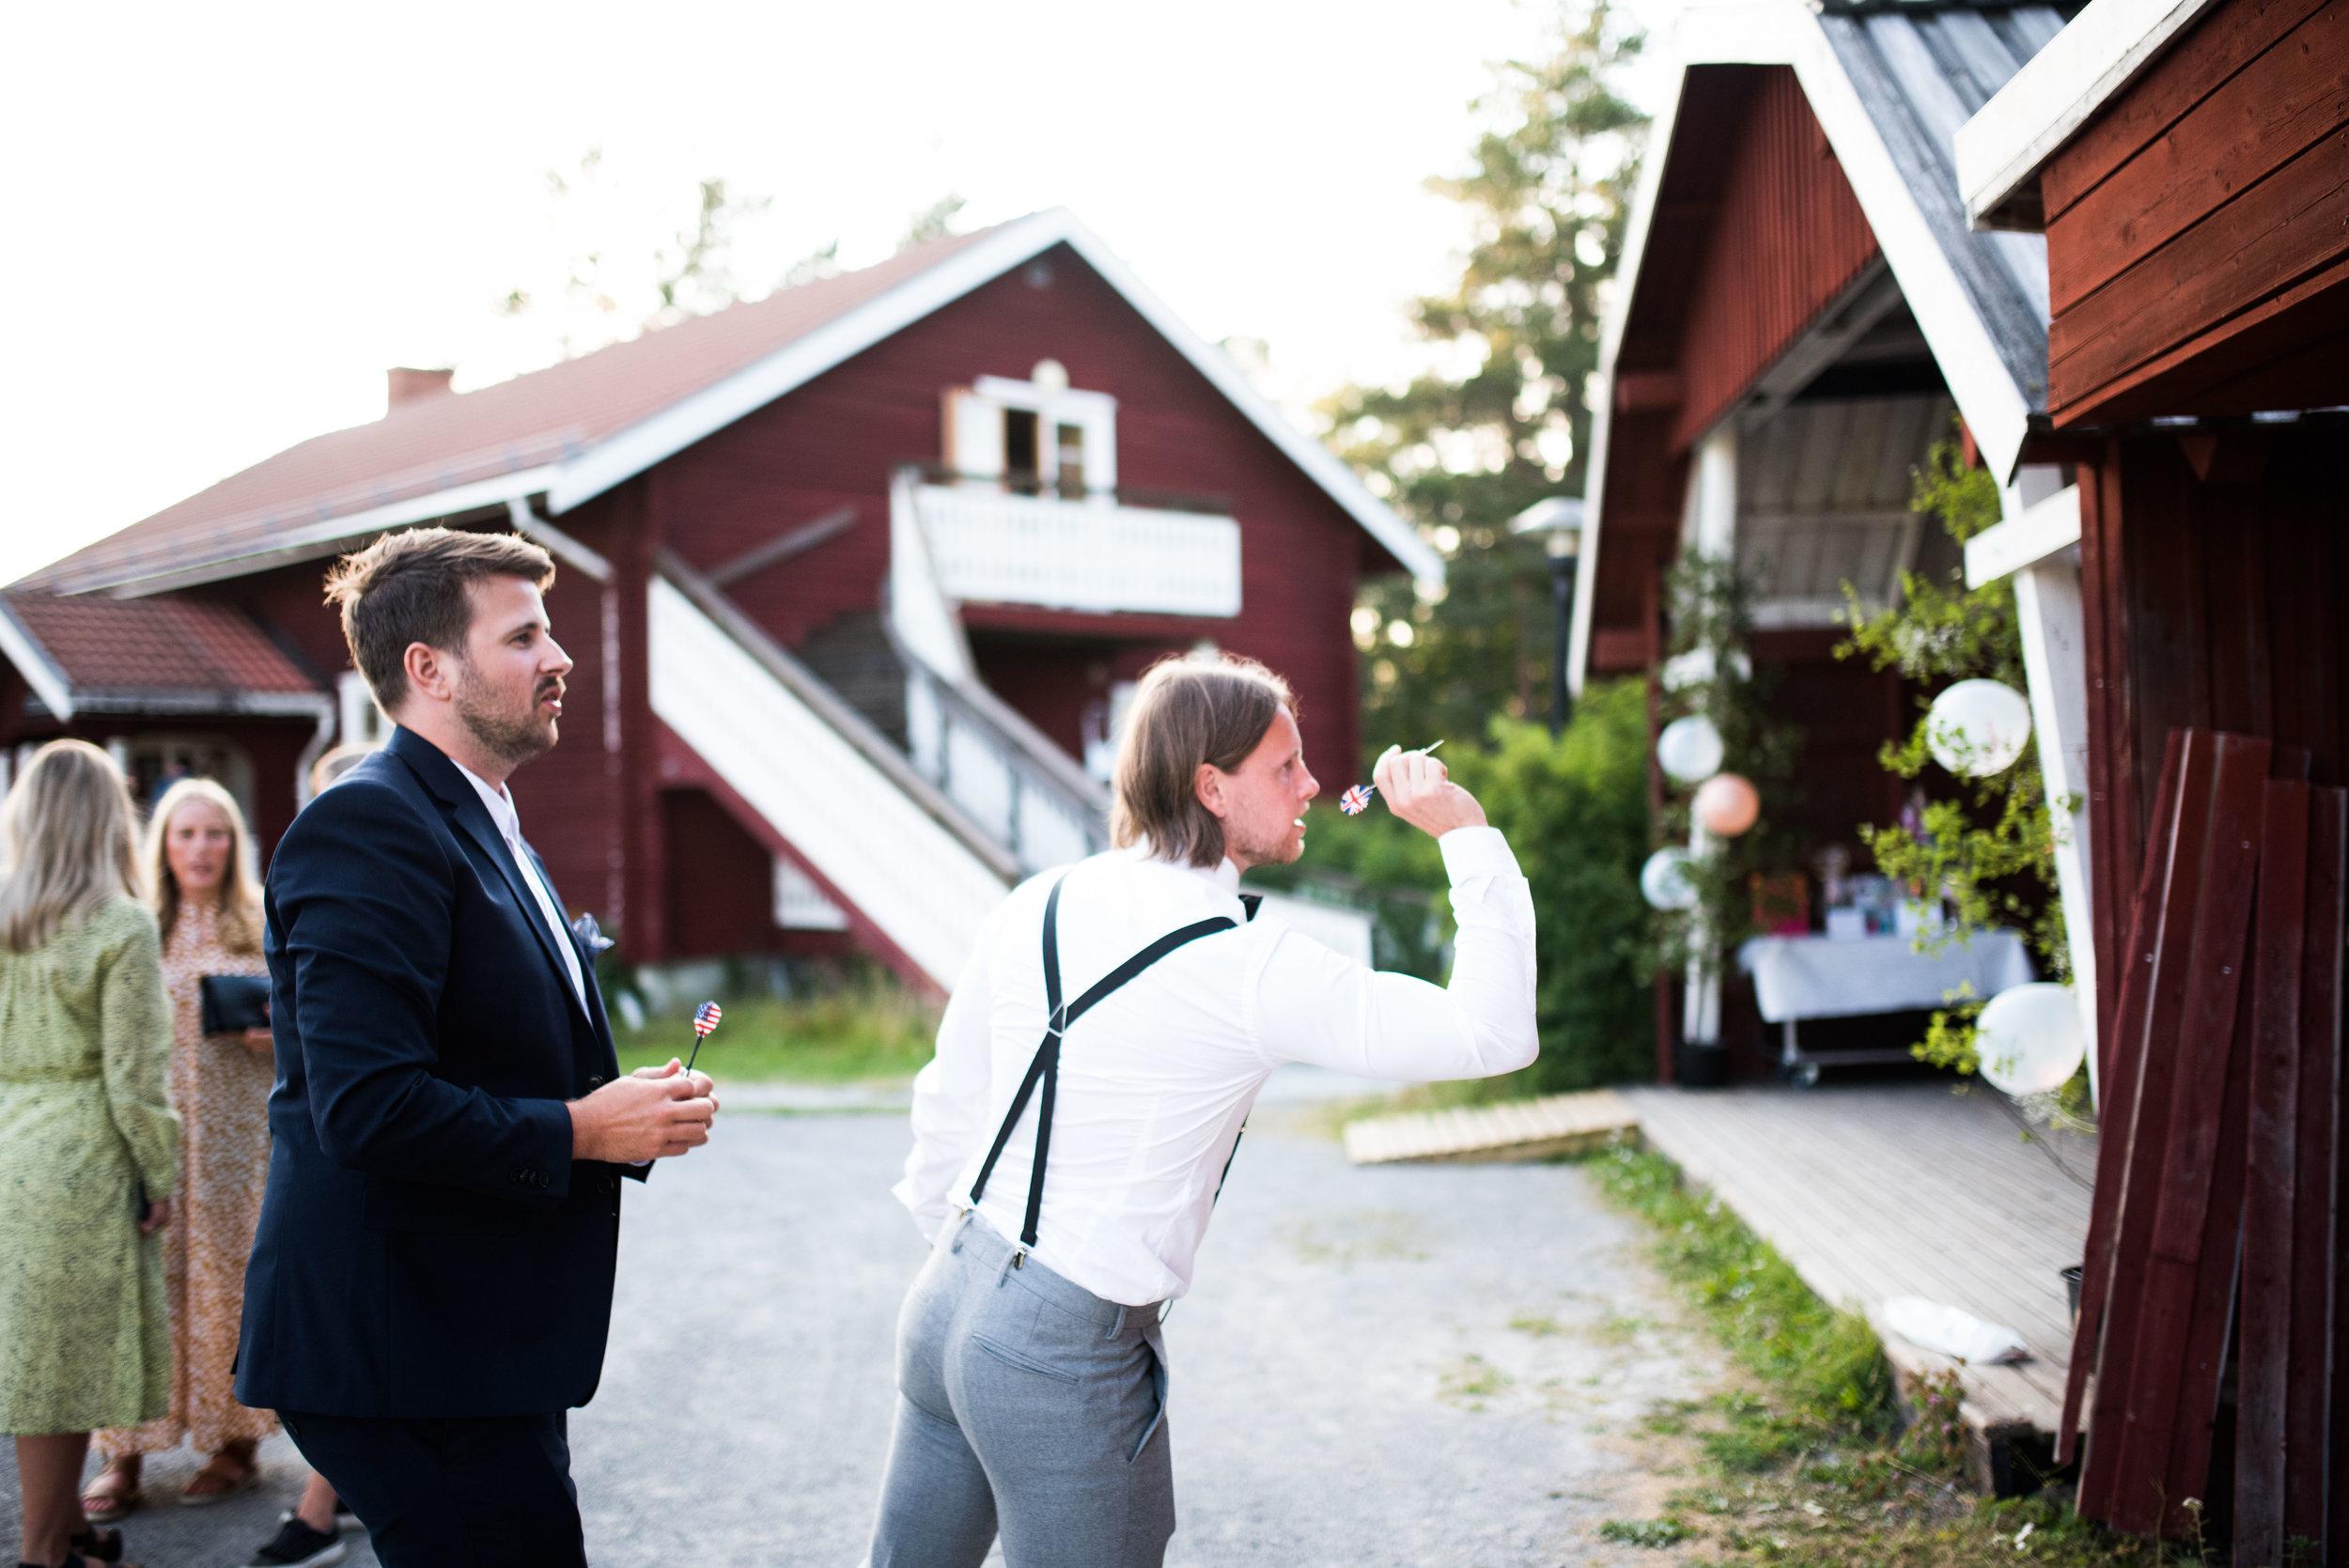 Bröllop2019lågkvall2-6267.jpg